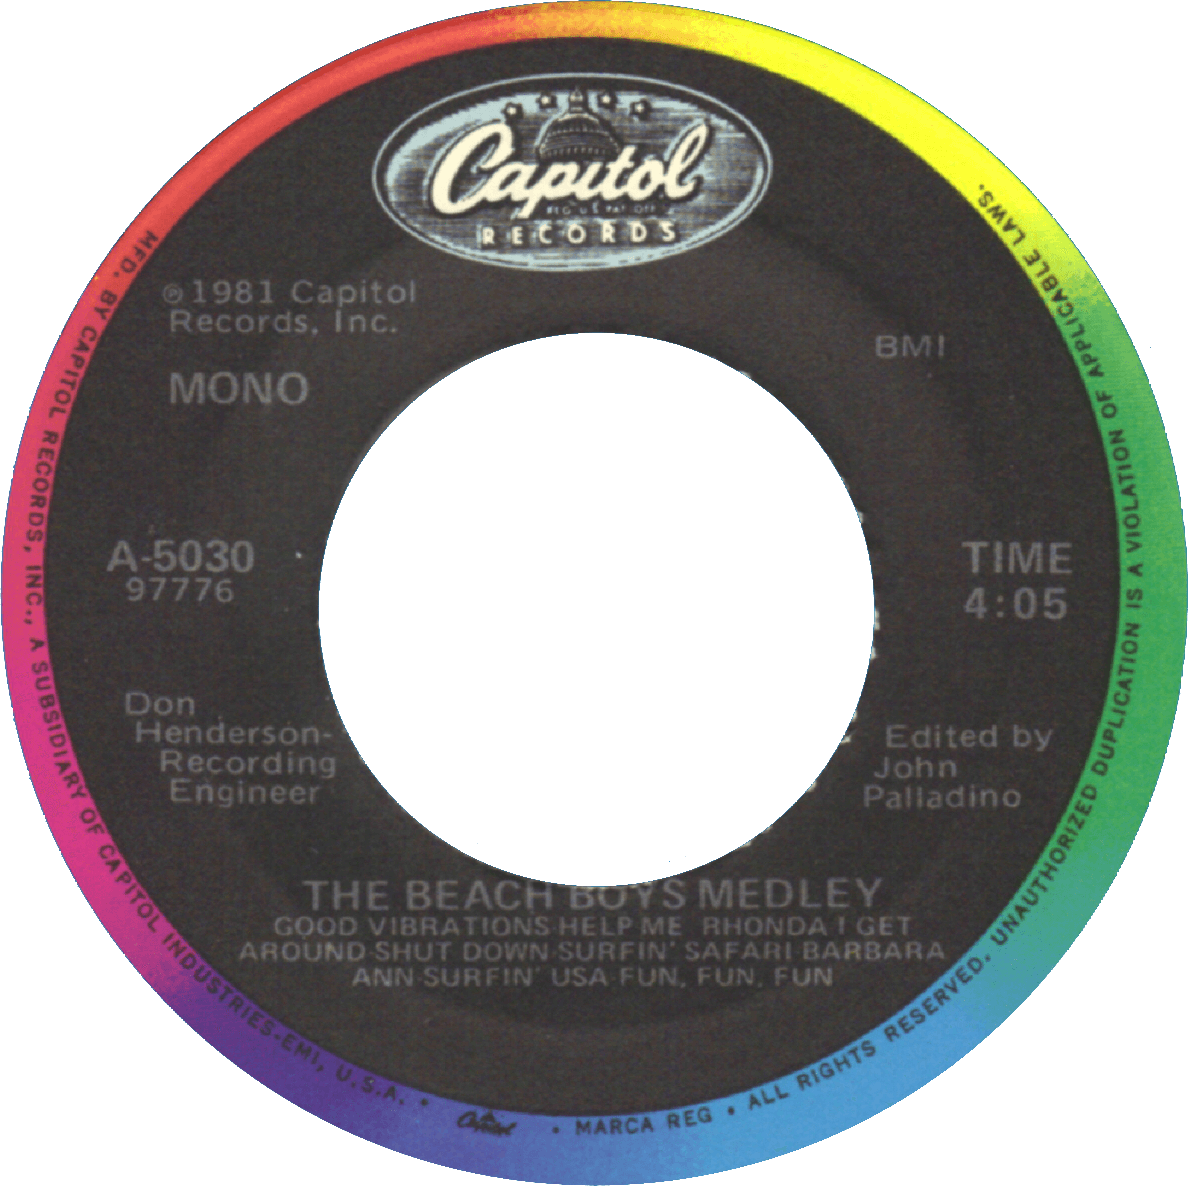 The Beach Boys Medley cover